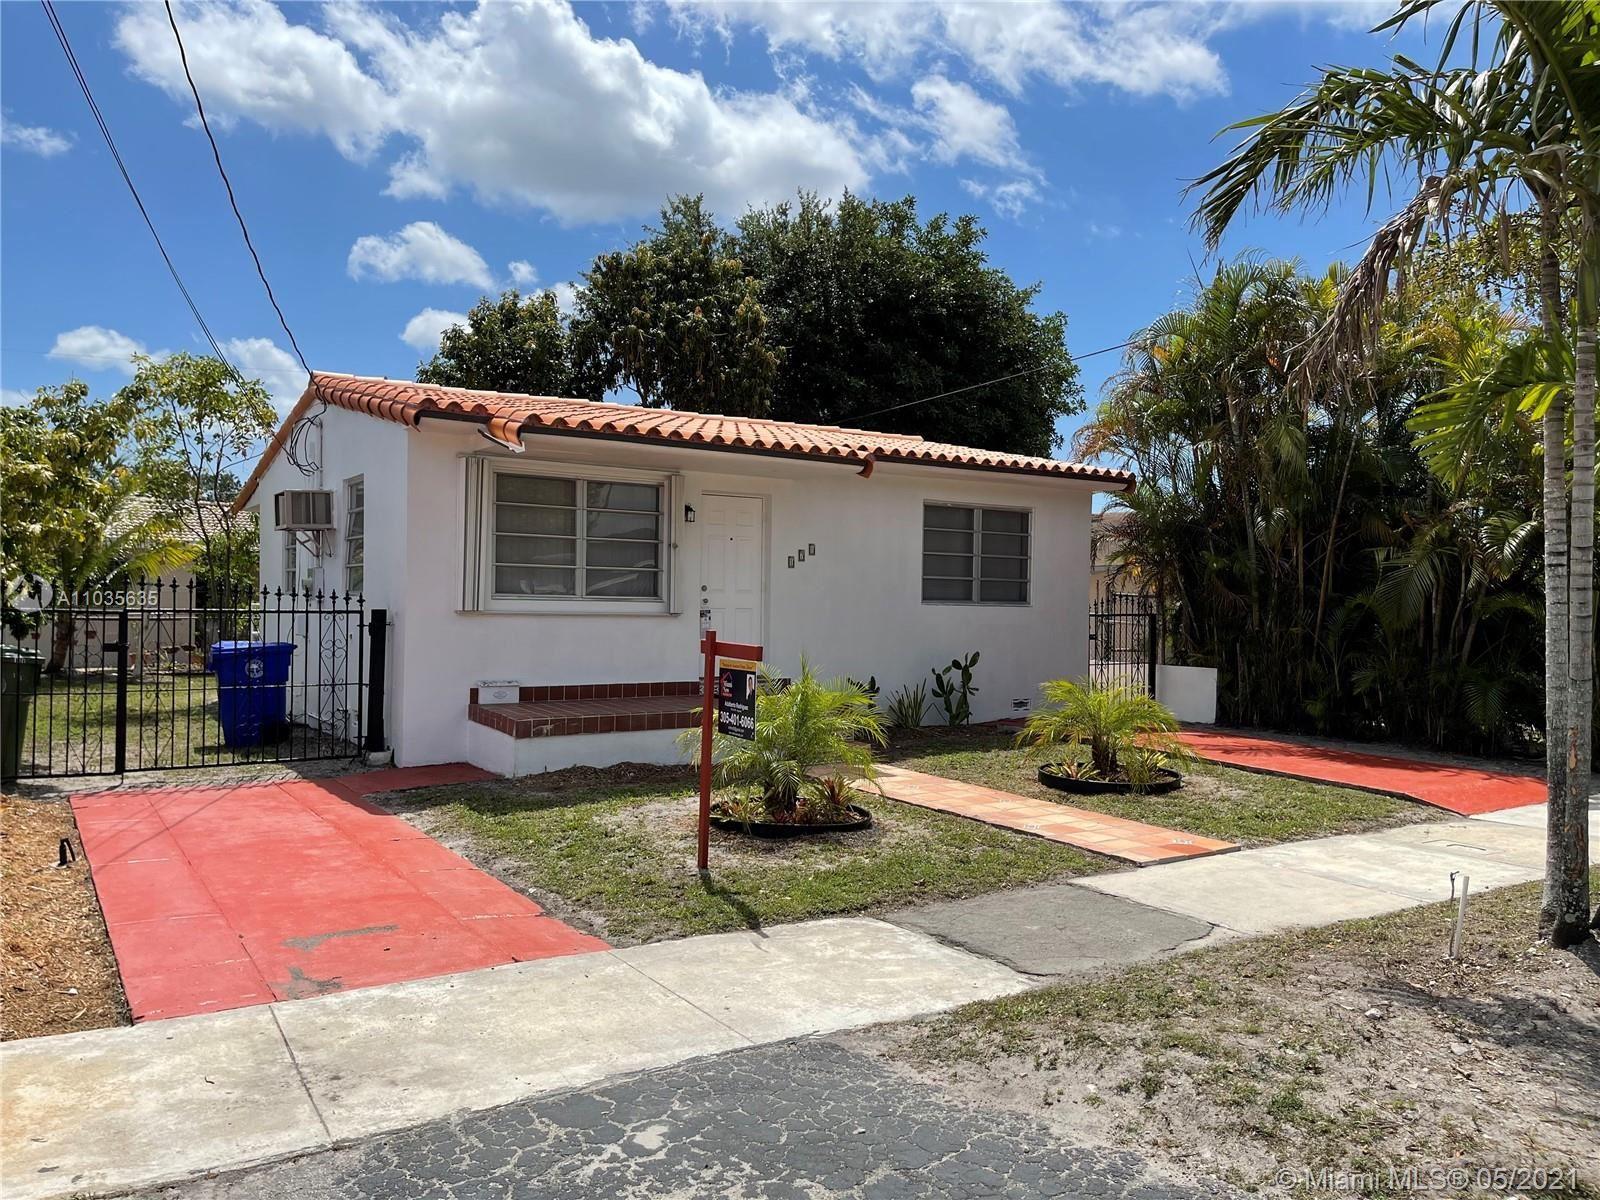 171 NW 49th Ave, Miami, FL 33126 - #: A11035635